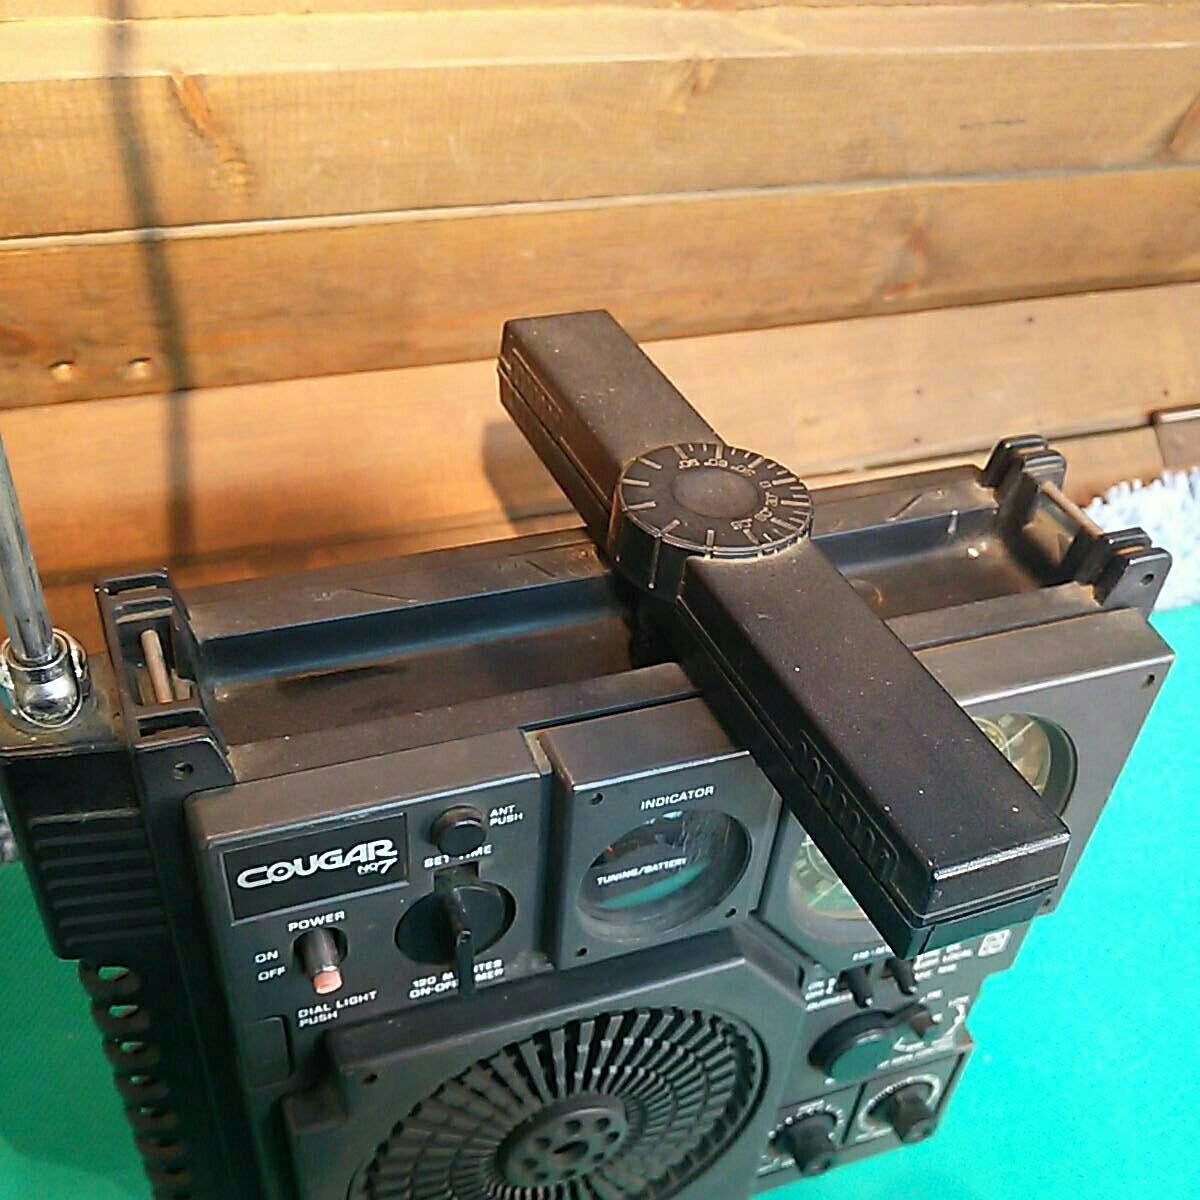 ナショナル national パナソニック Panasonic RF-877 3BAND ラジオ COUGAR No.7 RD-9801 NSB CRYSTAL 短波 中波 ジャンク ラジヲ 当時物_画像4